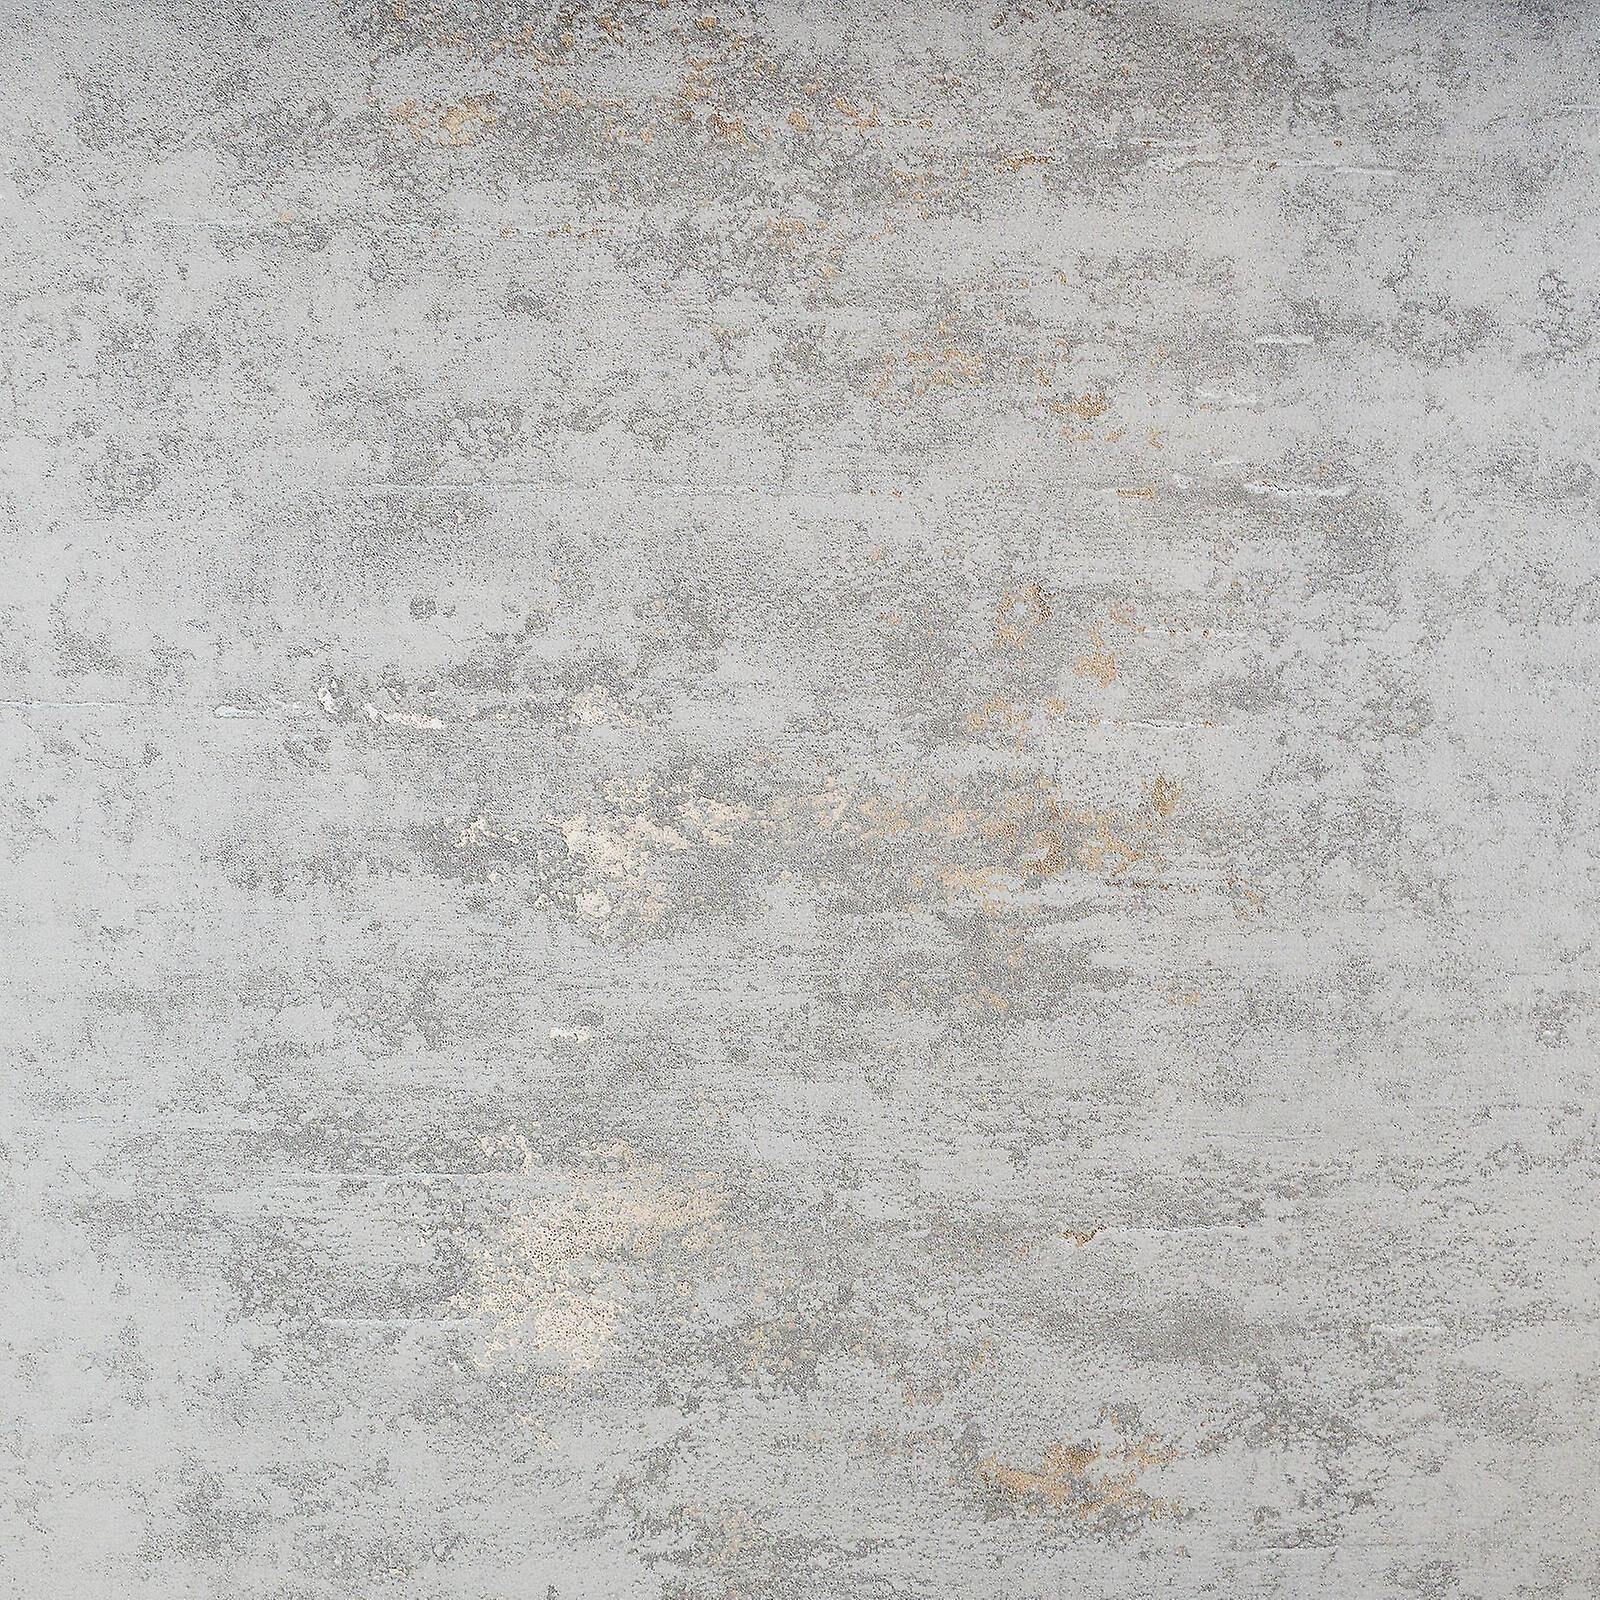 VerticalArt Papier peint brique pierre béton industriel collez le mur gris métallisé Bronze